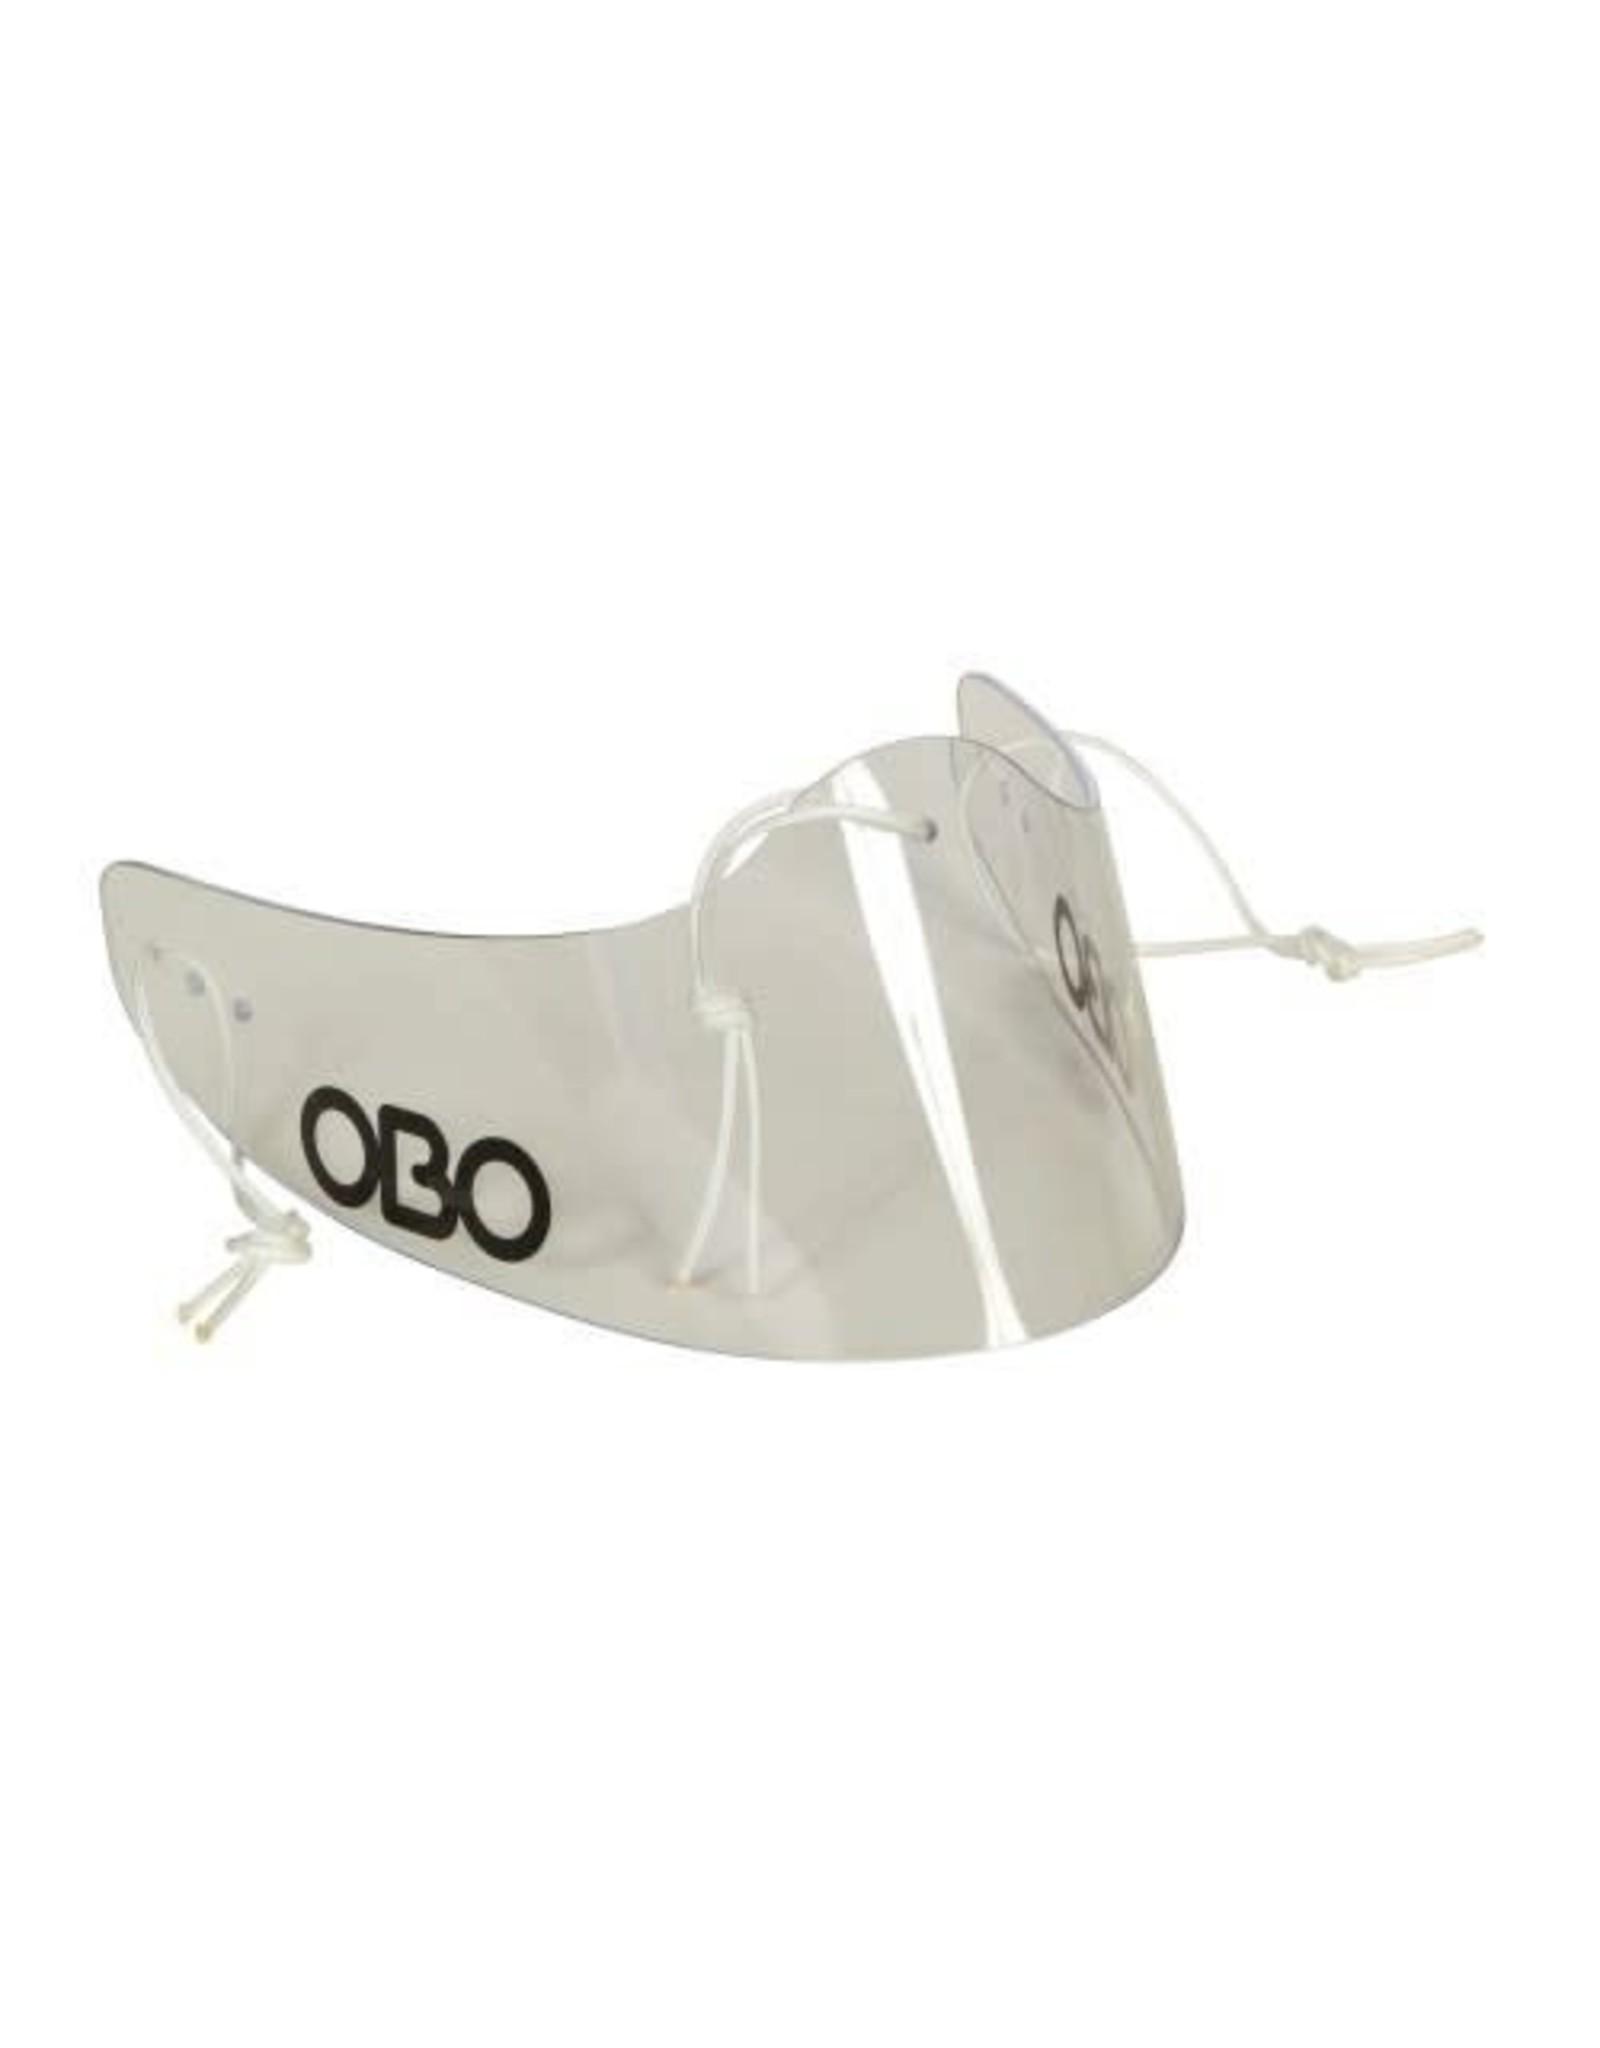 OBO OBO GTP3 Throat protector